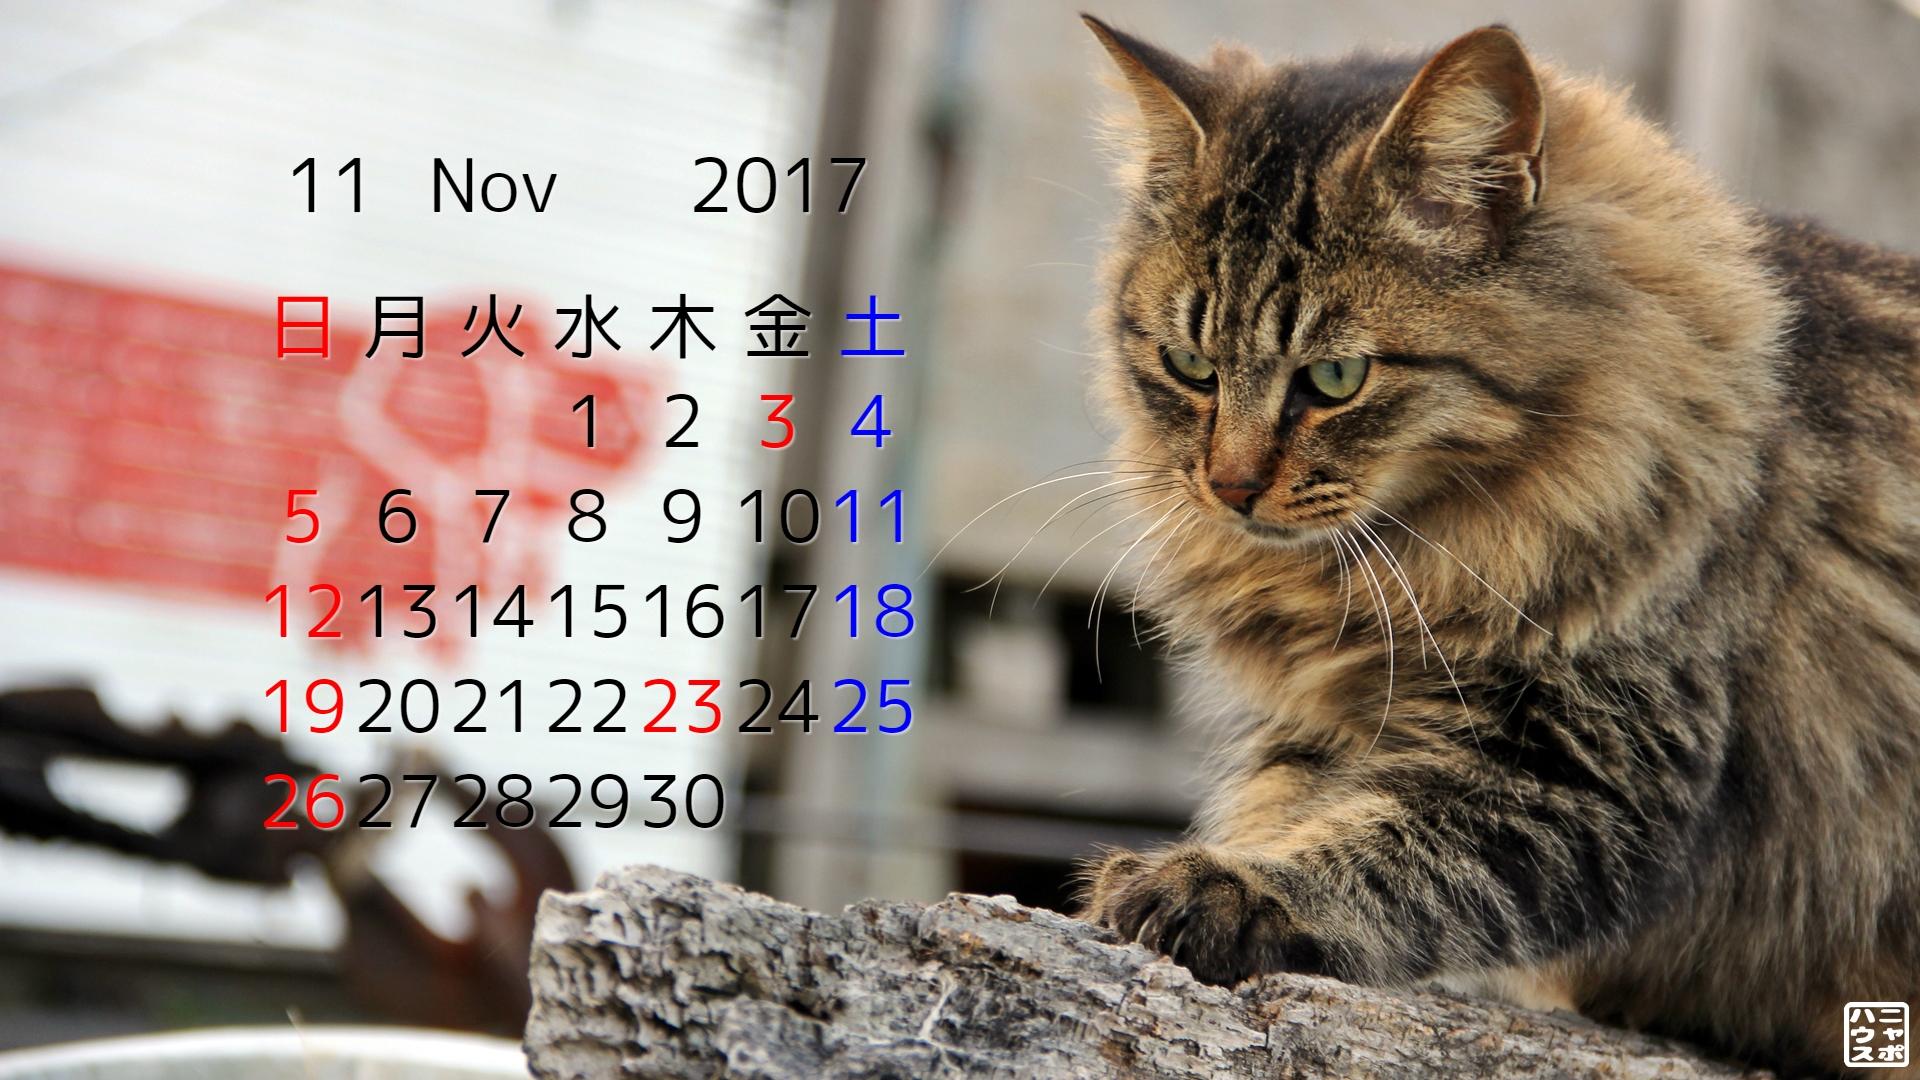 2017年11月 猫デスクトップカレンダー